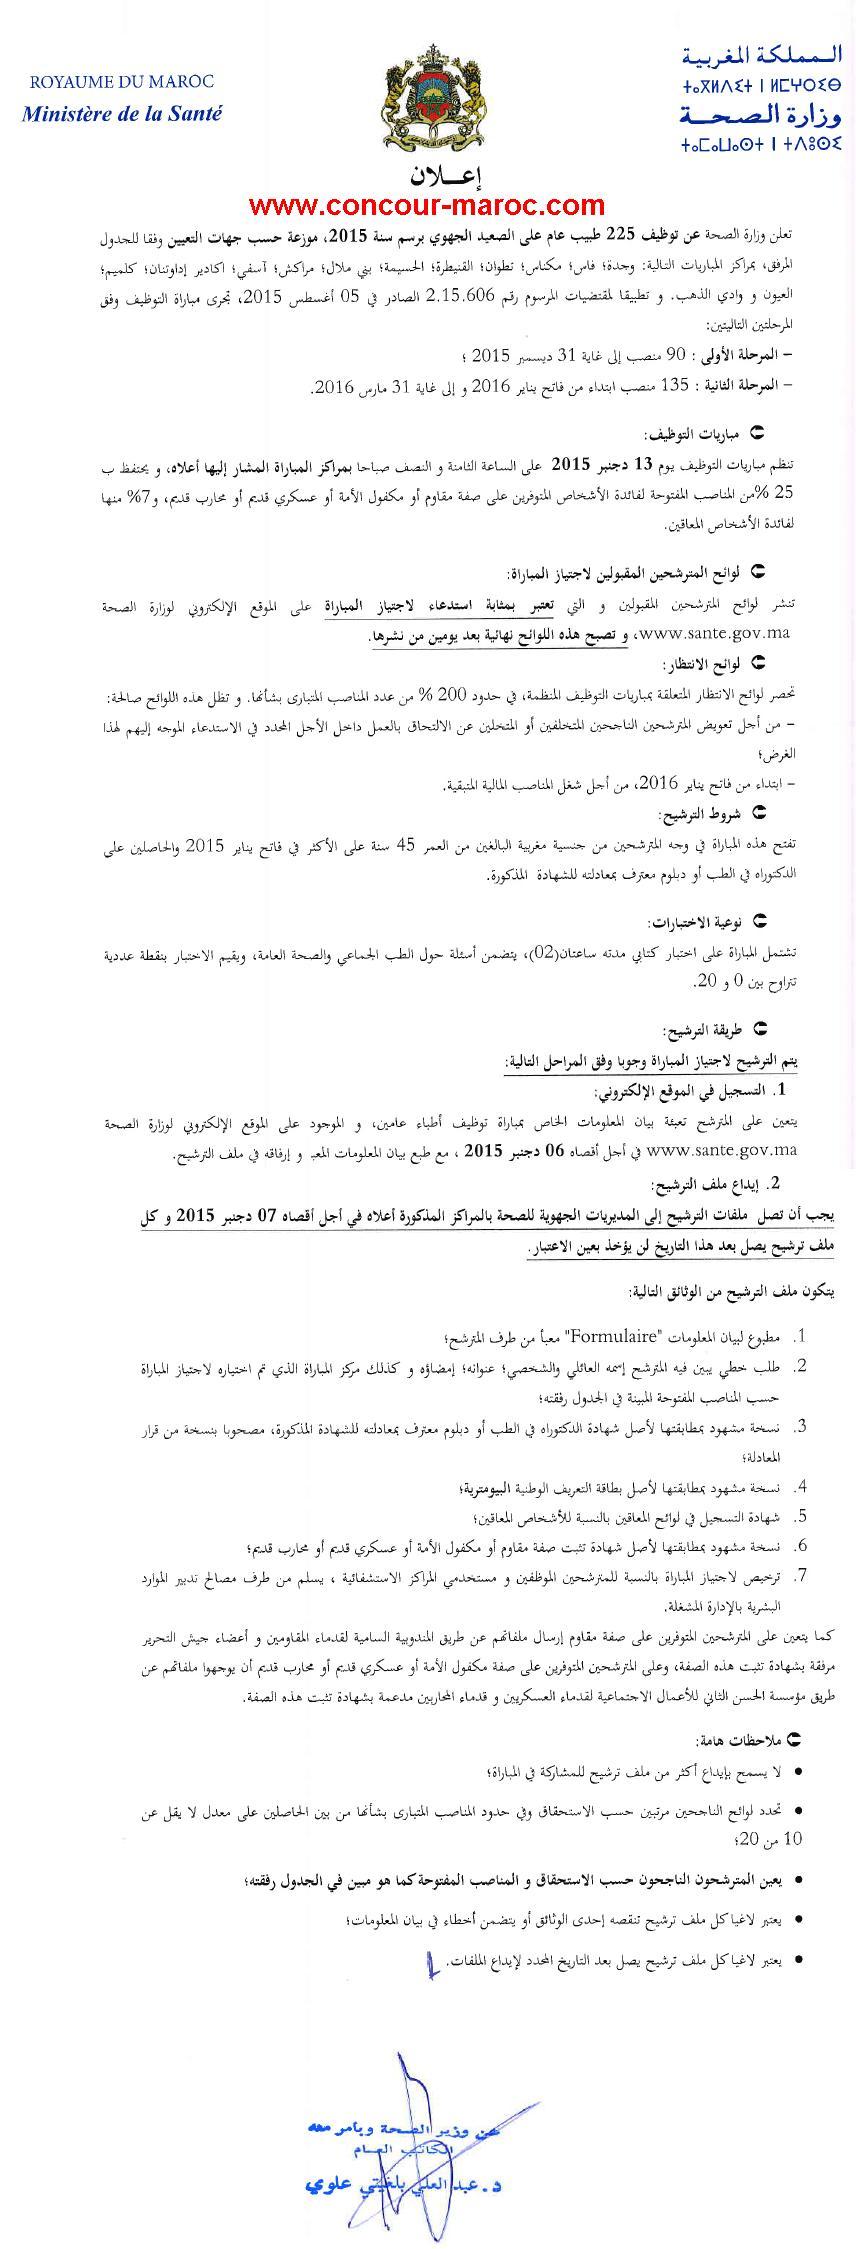 وزارة الصحة : مباراة لتوظيف طبيب من الدرجة الأولى ~ سلم 11 (225 منصب) آخر أجل لإيداع الترشيحات 7 دجنبر 2015 Concou33